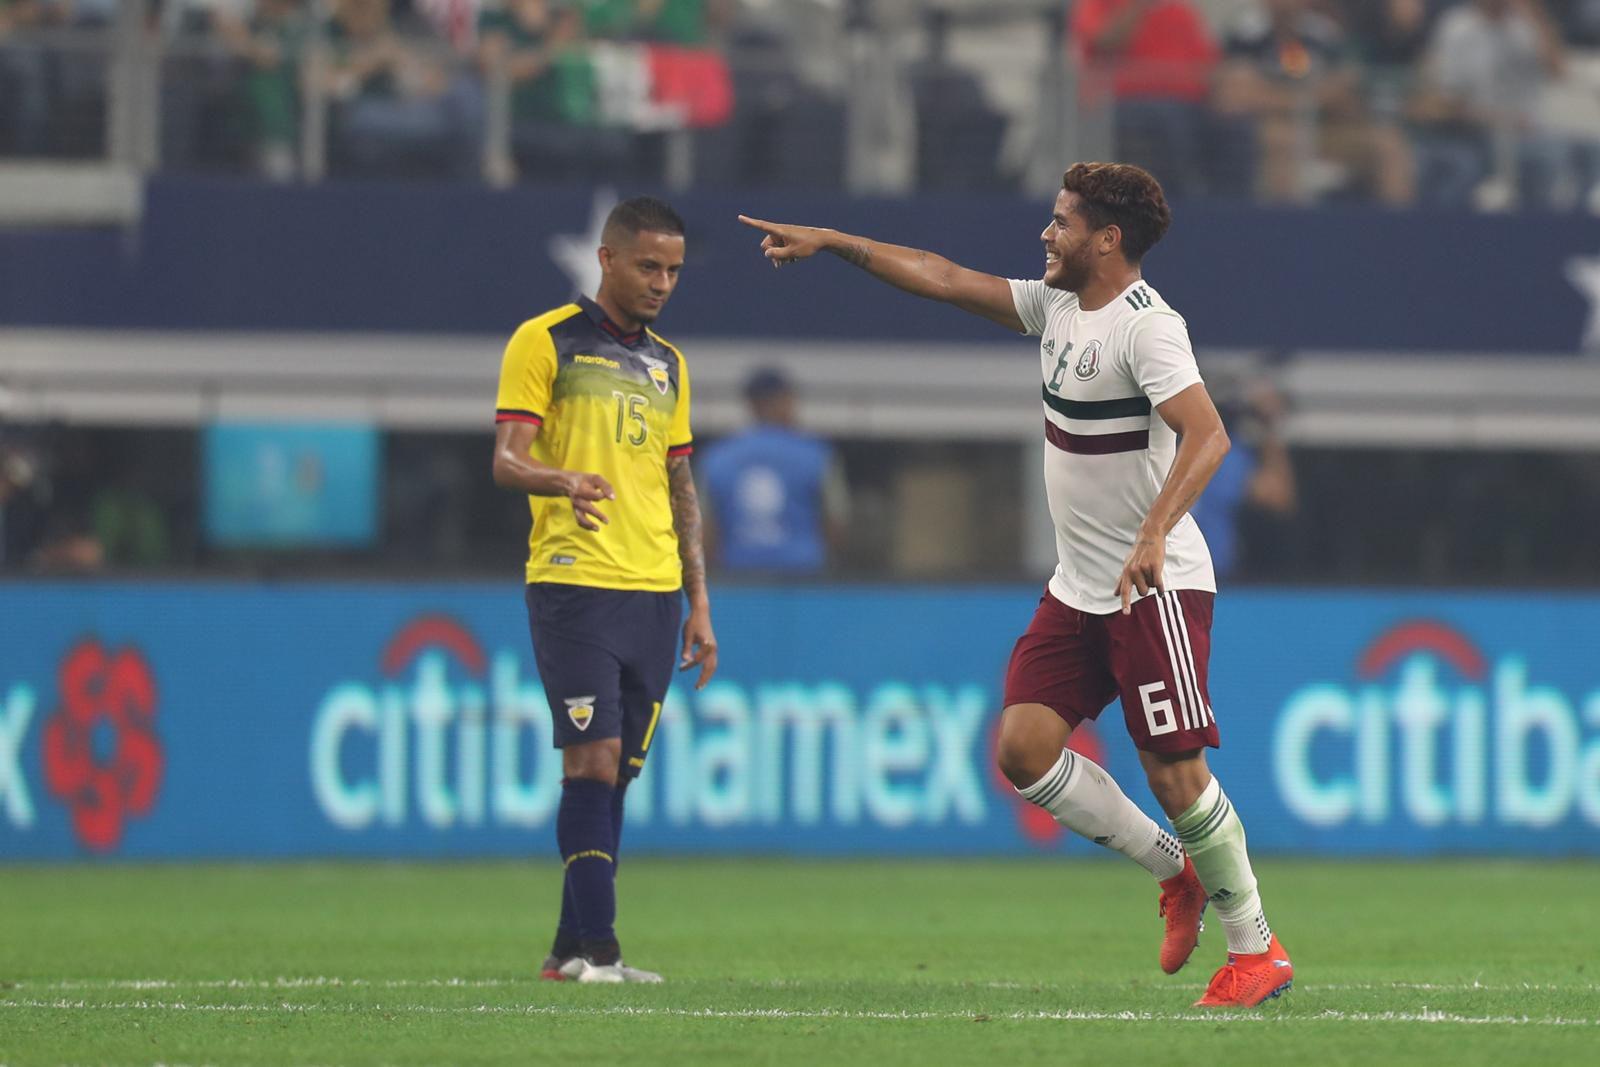 Jonathan Dos Santos festeja su gol. Foto de Omar Vega para Al Día